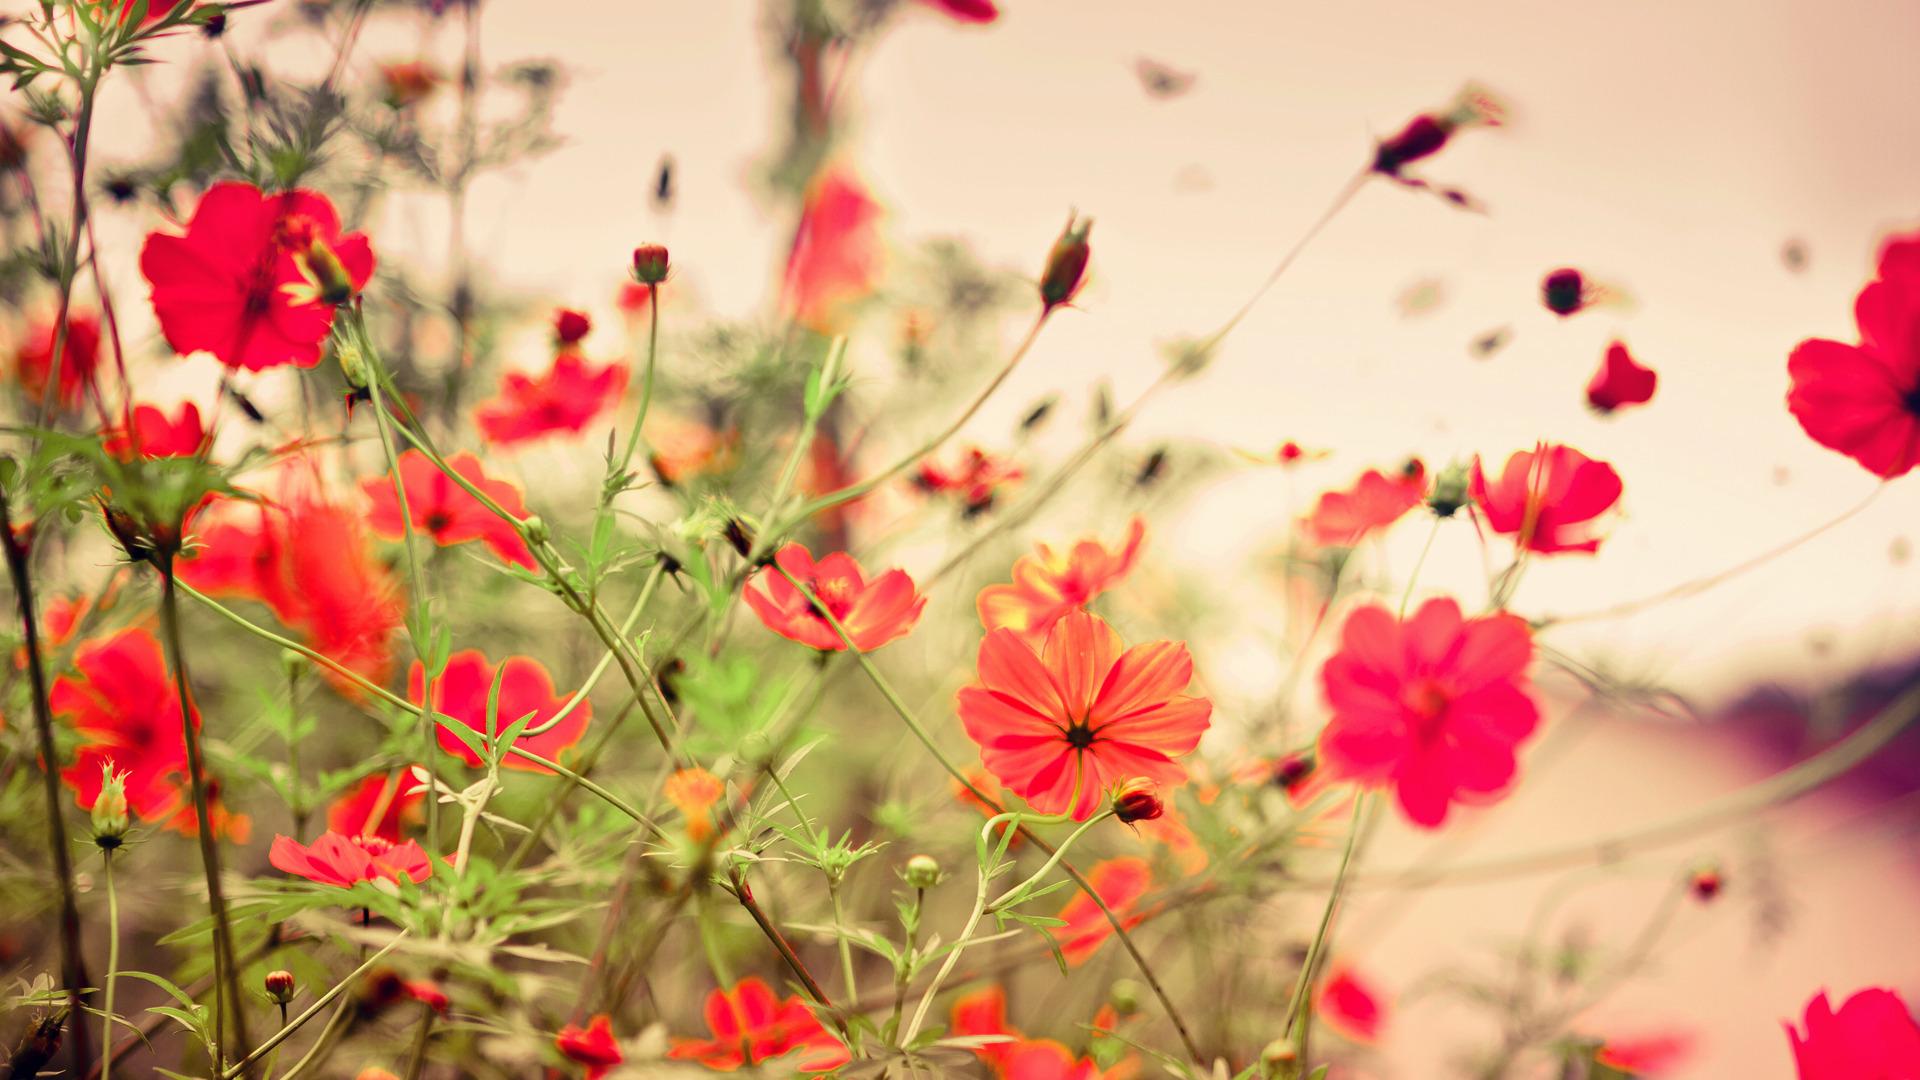 картинки цветы на рабочий стол большой формат частоту падающего